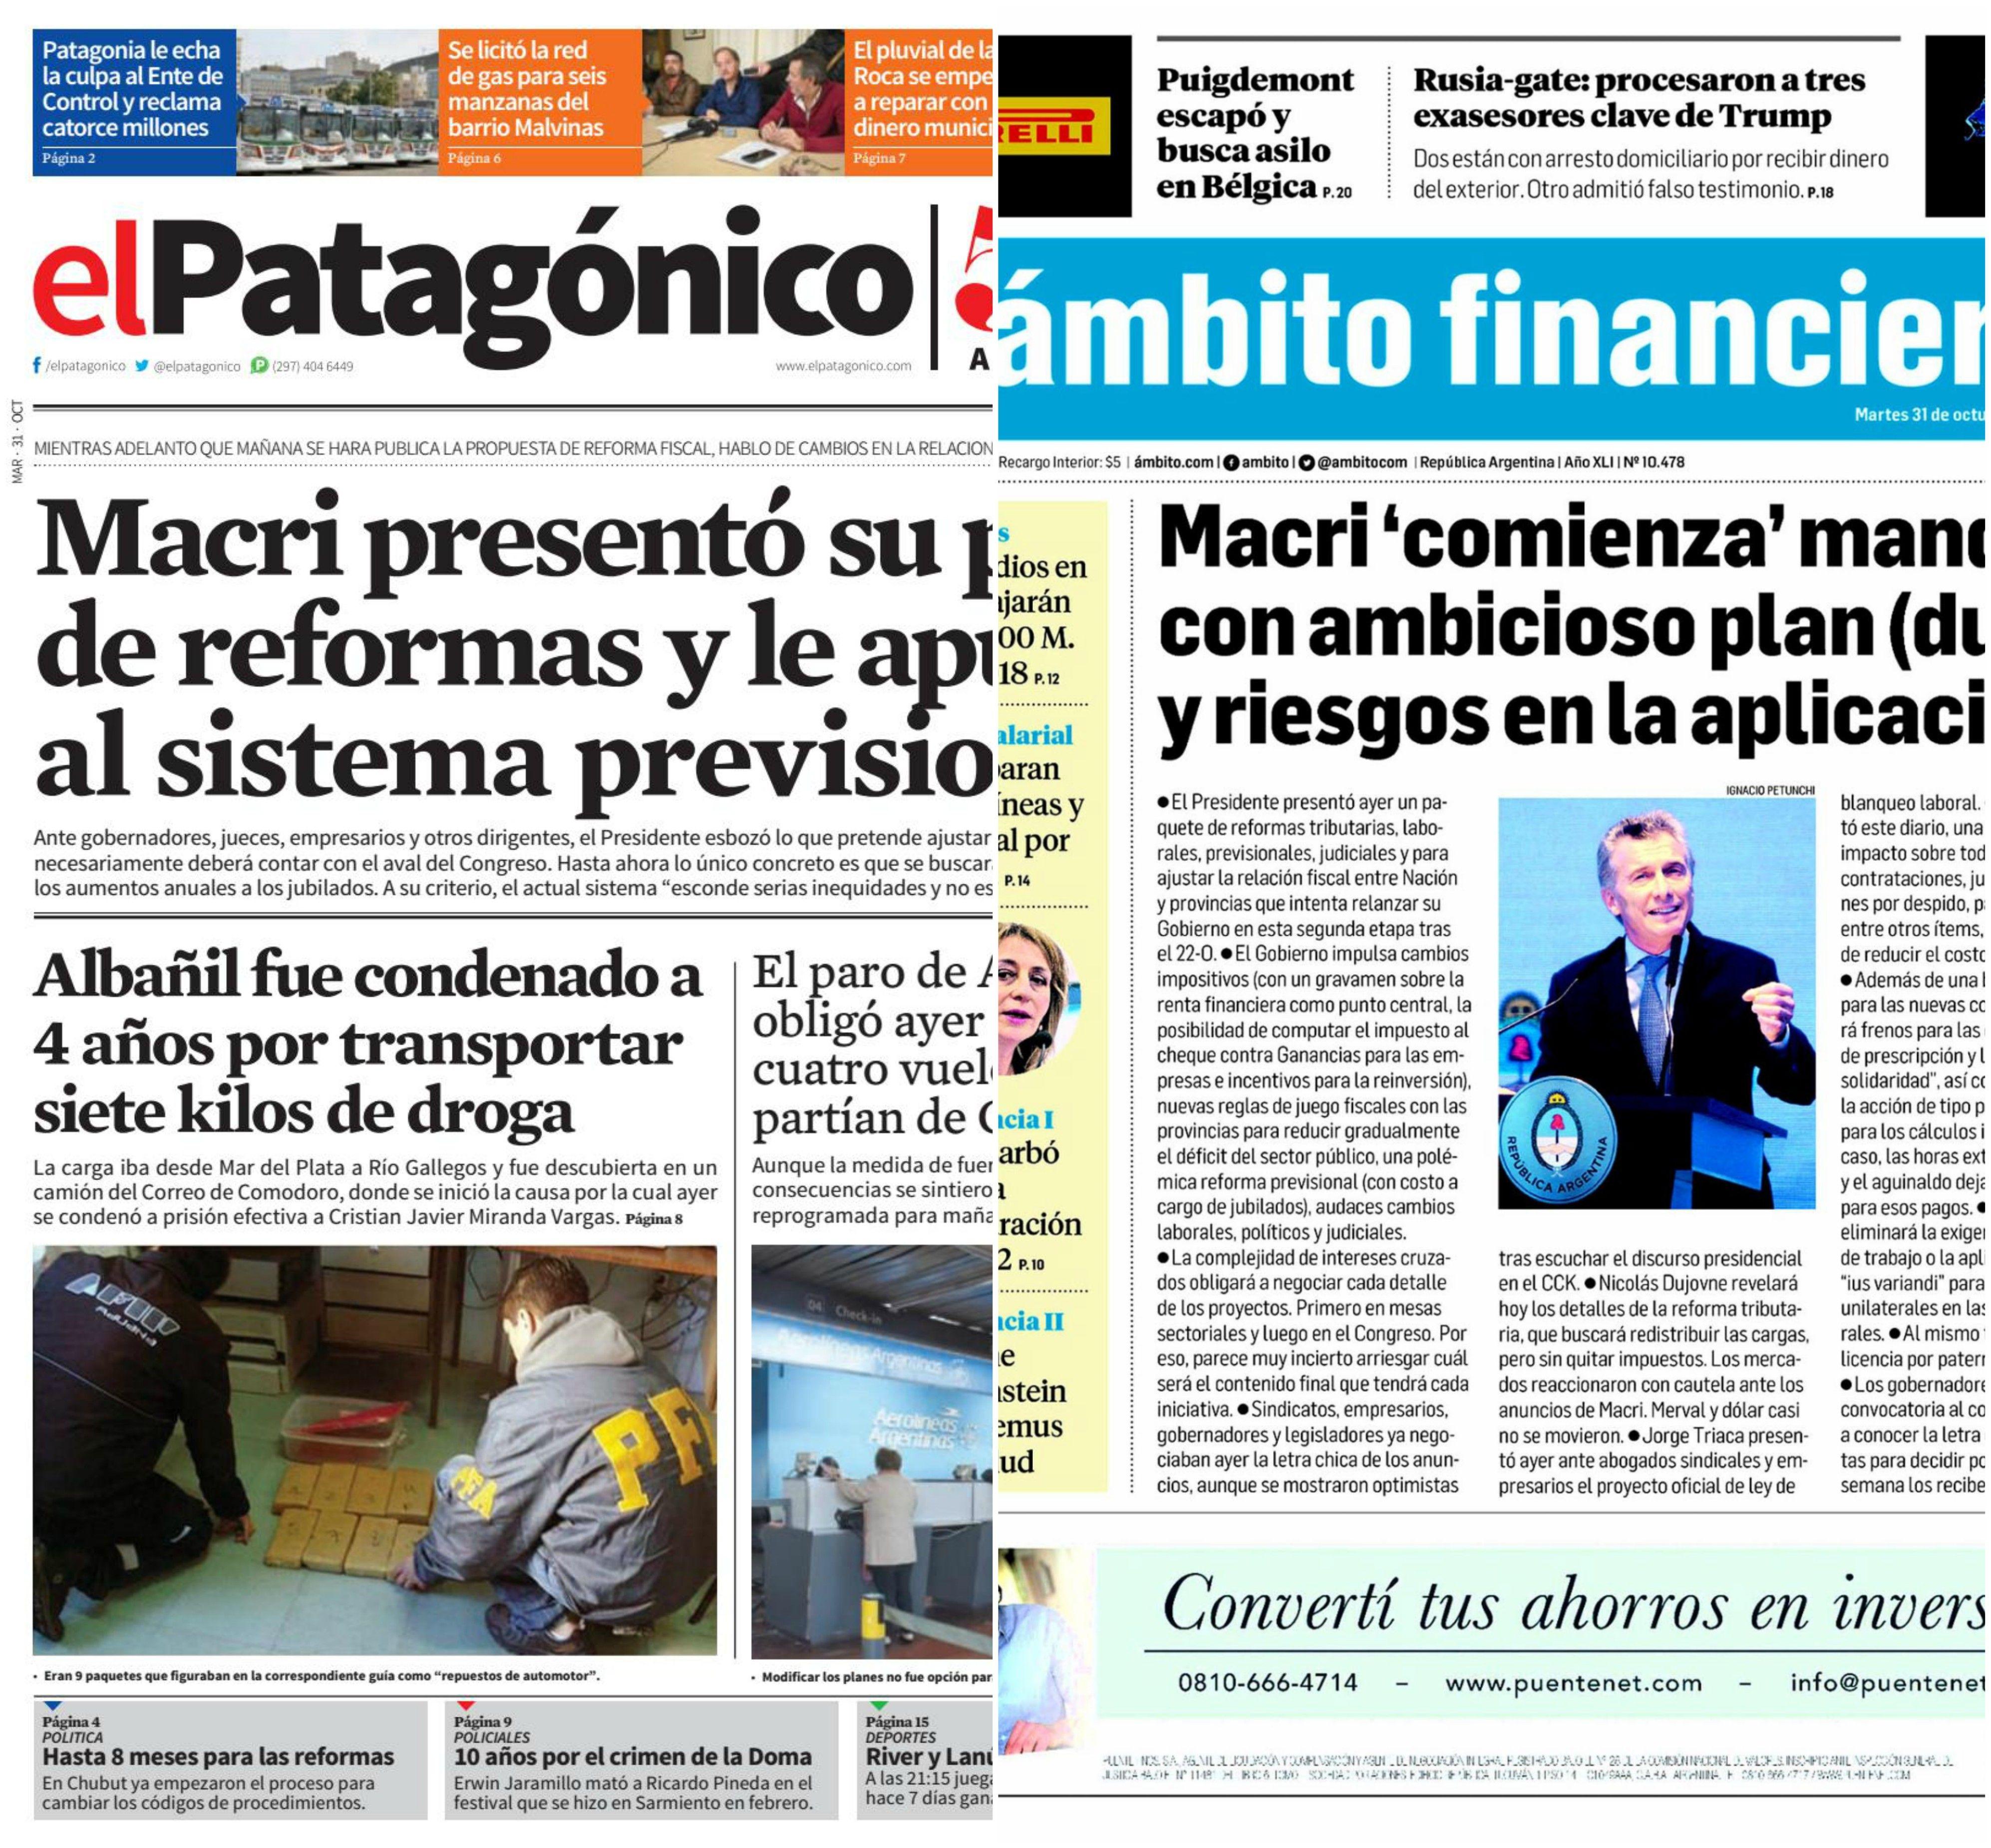 Tapas de diarios del martes 31 de octubre de 2017